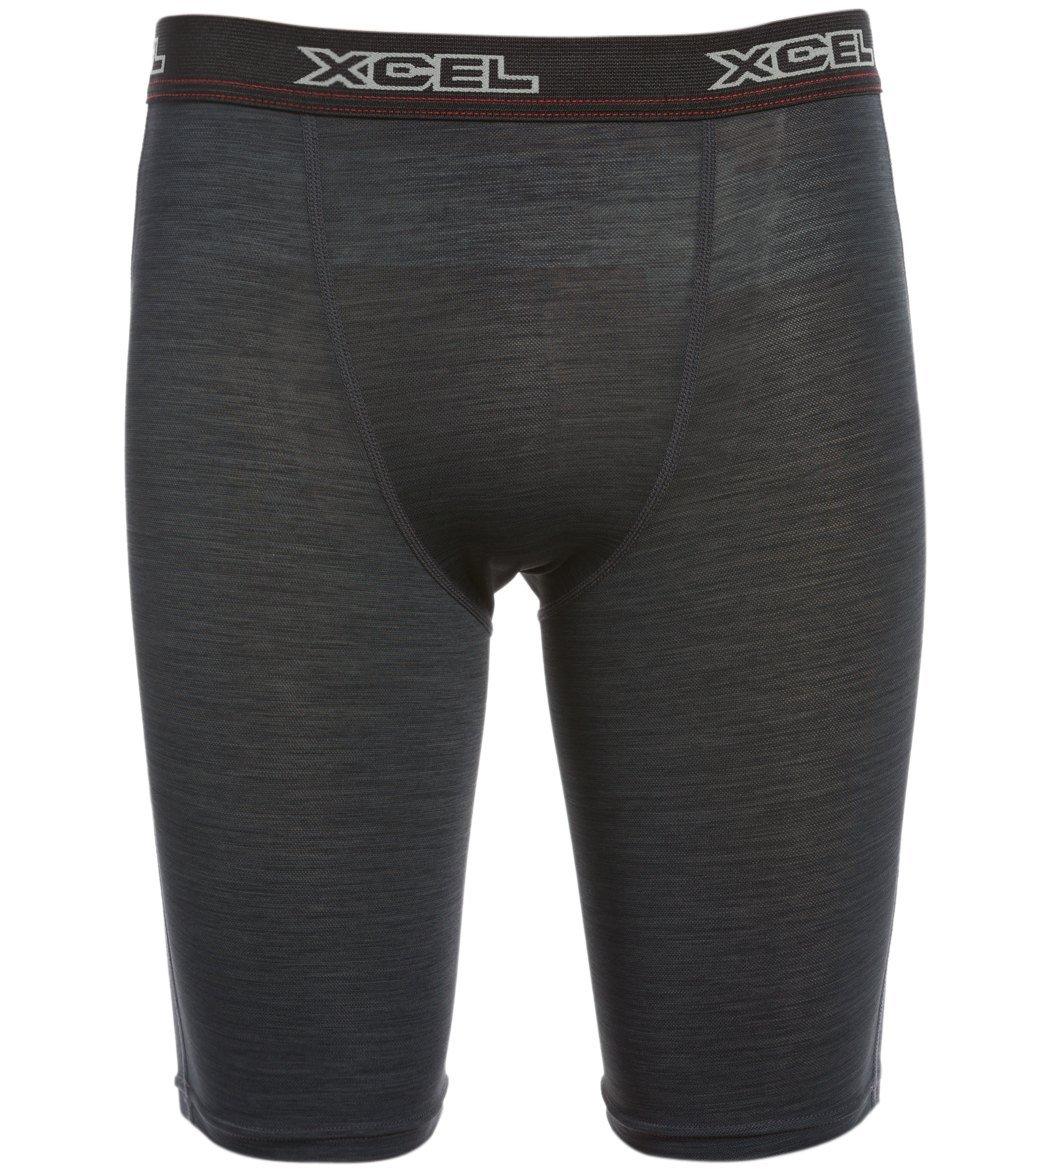 Xcel Compression Shorts